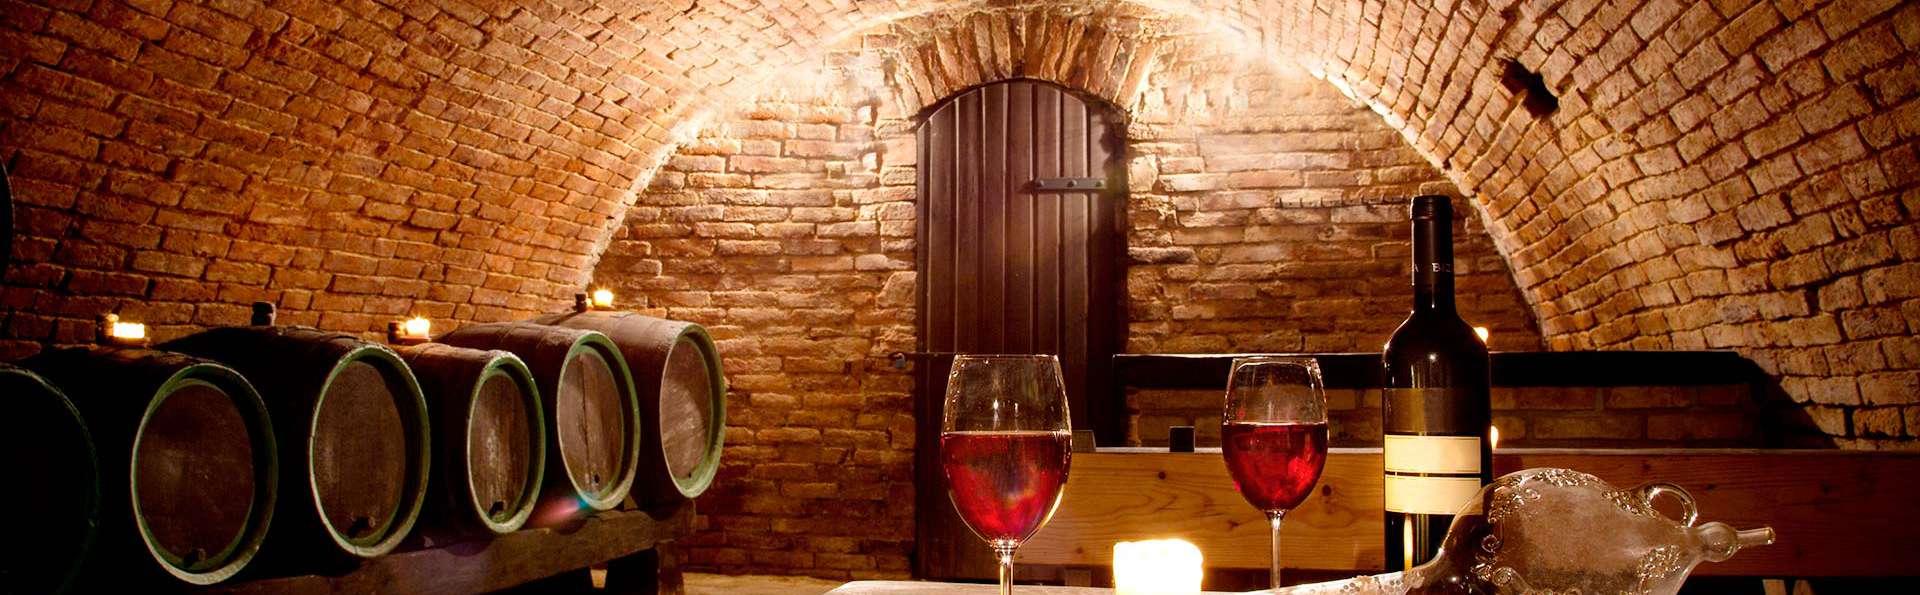 Escapada en un Palacio de Zafra con visita a bodega, cata de vinos y cena en los alrededores